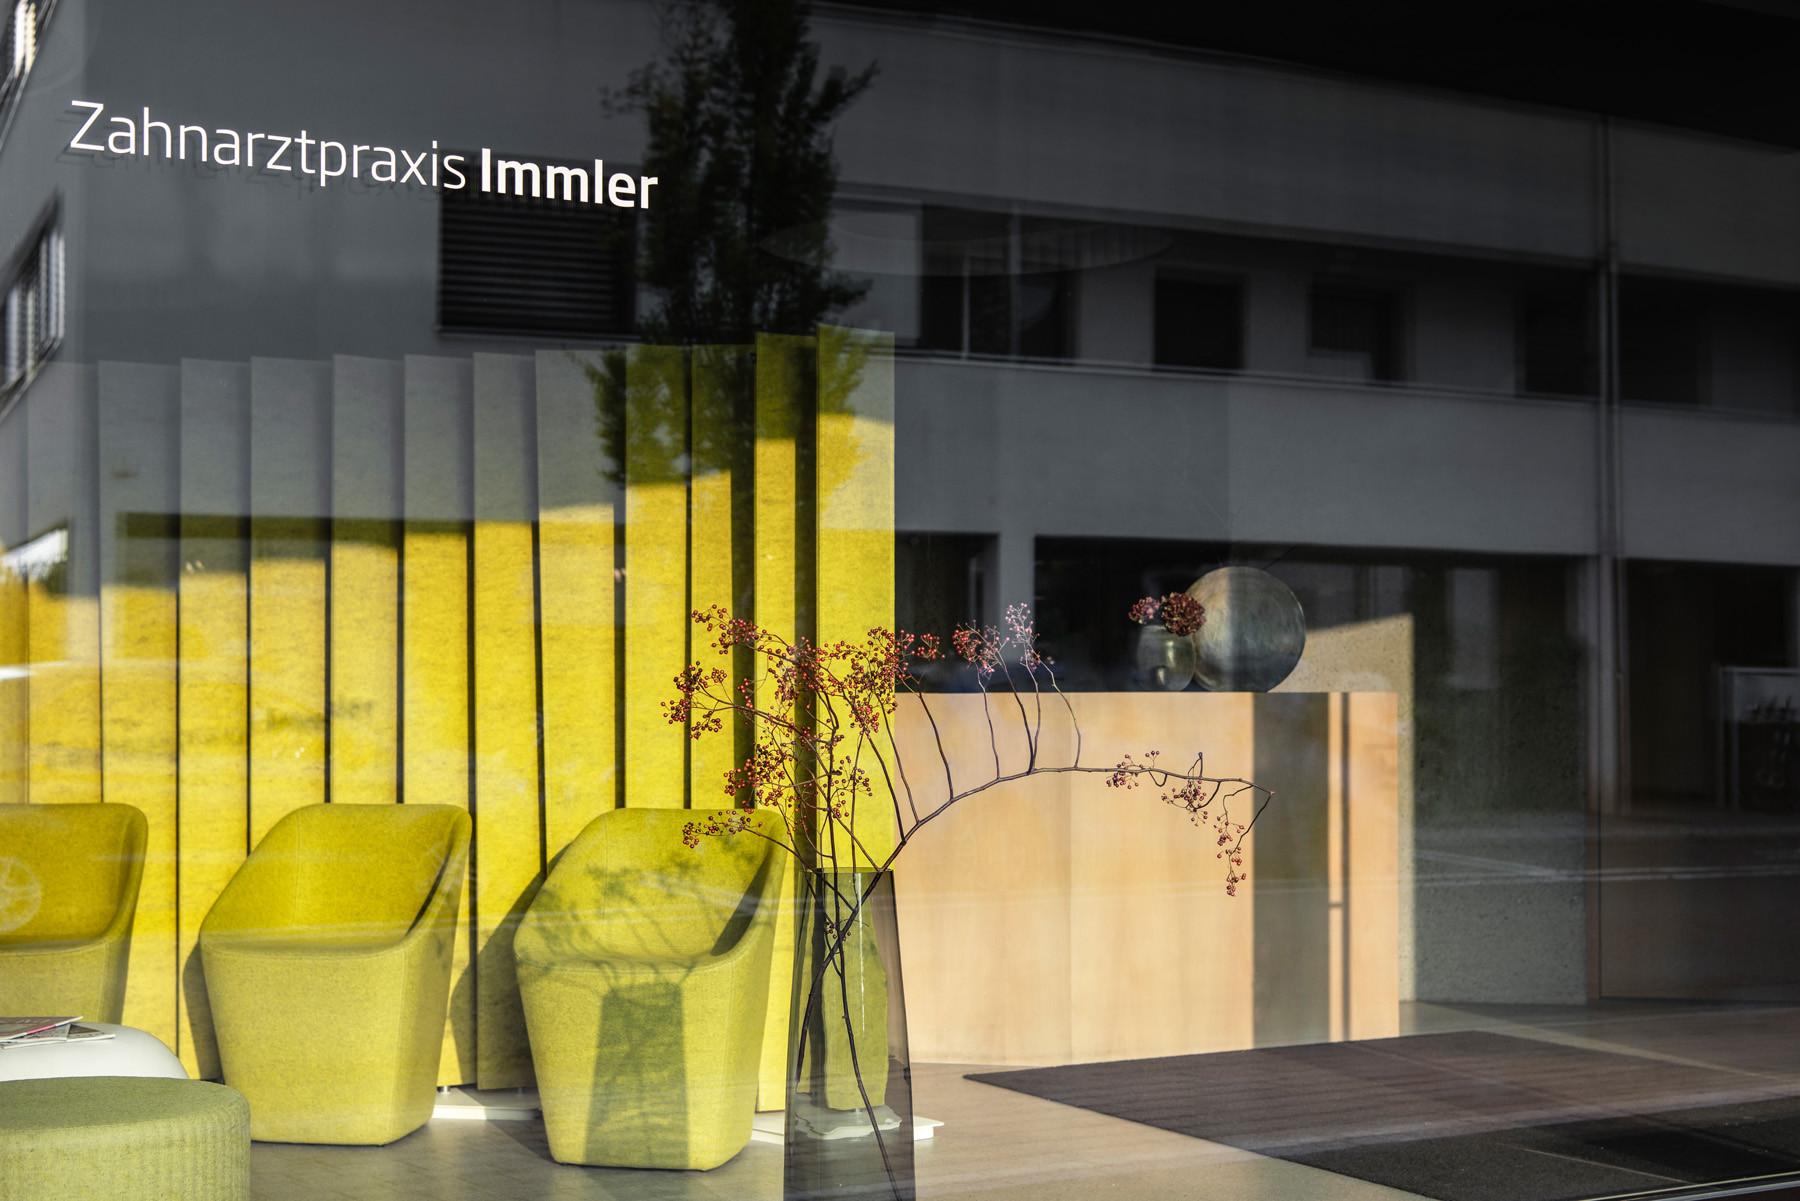 Fotografie_Karin Nussbaumer_Wartezimmer_Architektur